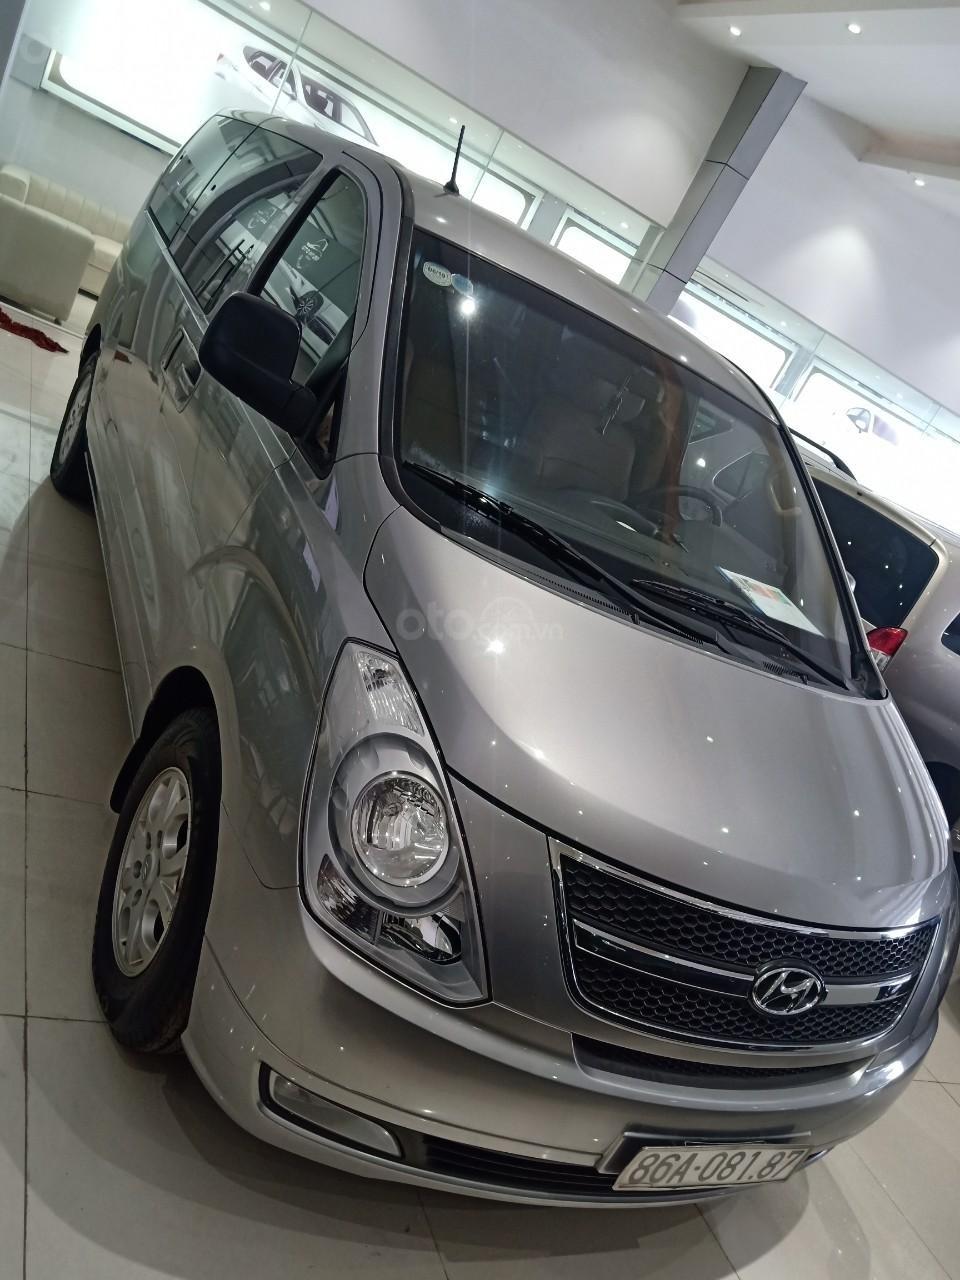 Bán xe Hyundai Starex 2.5D MT 9 chỗ 2013, màu bạc, xe nhập, giá tốt (1)